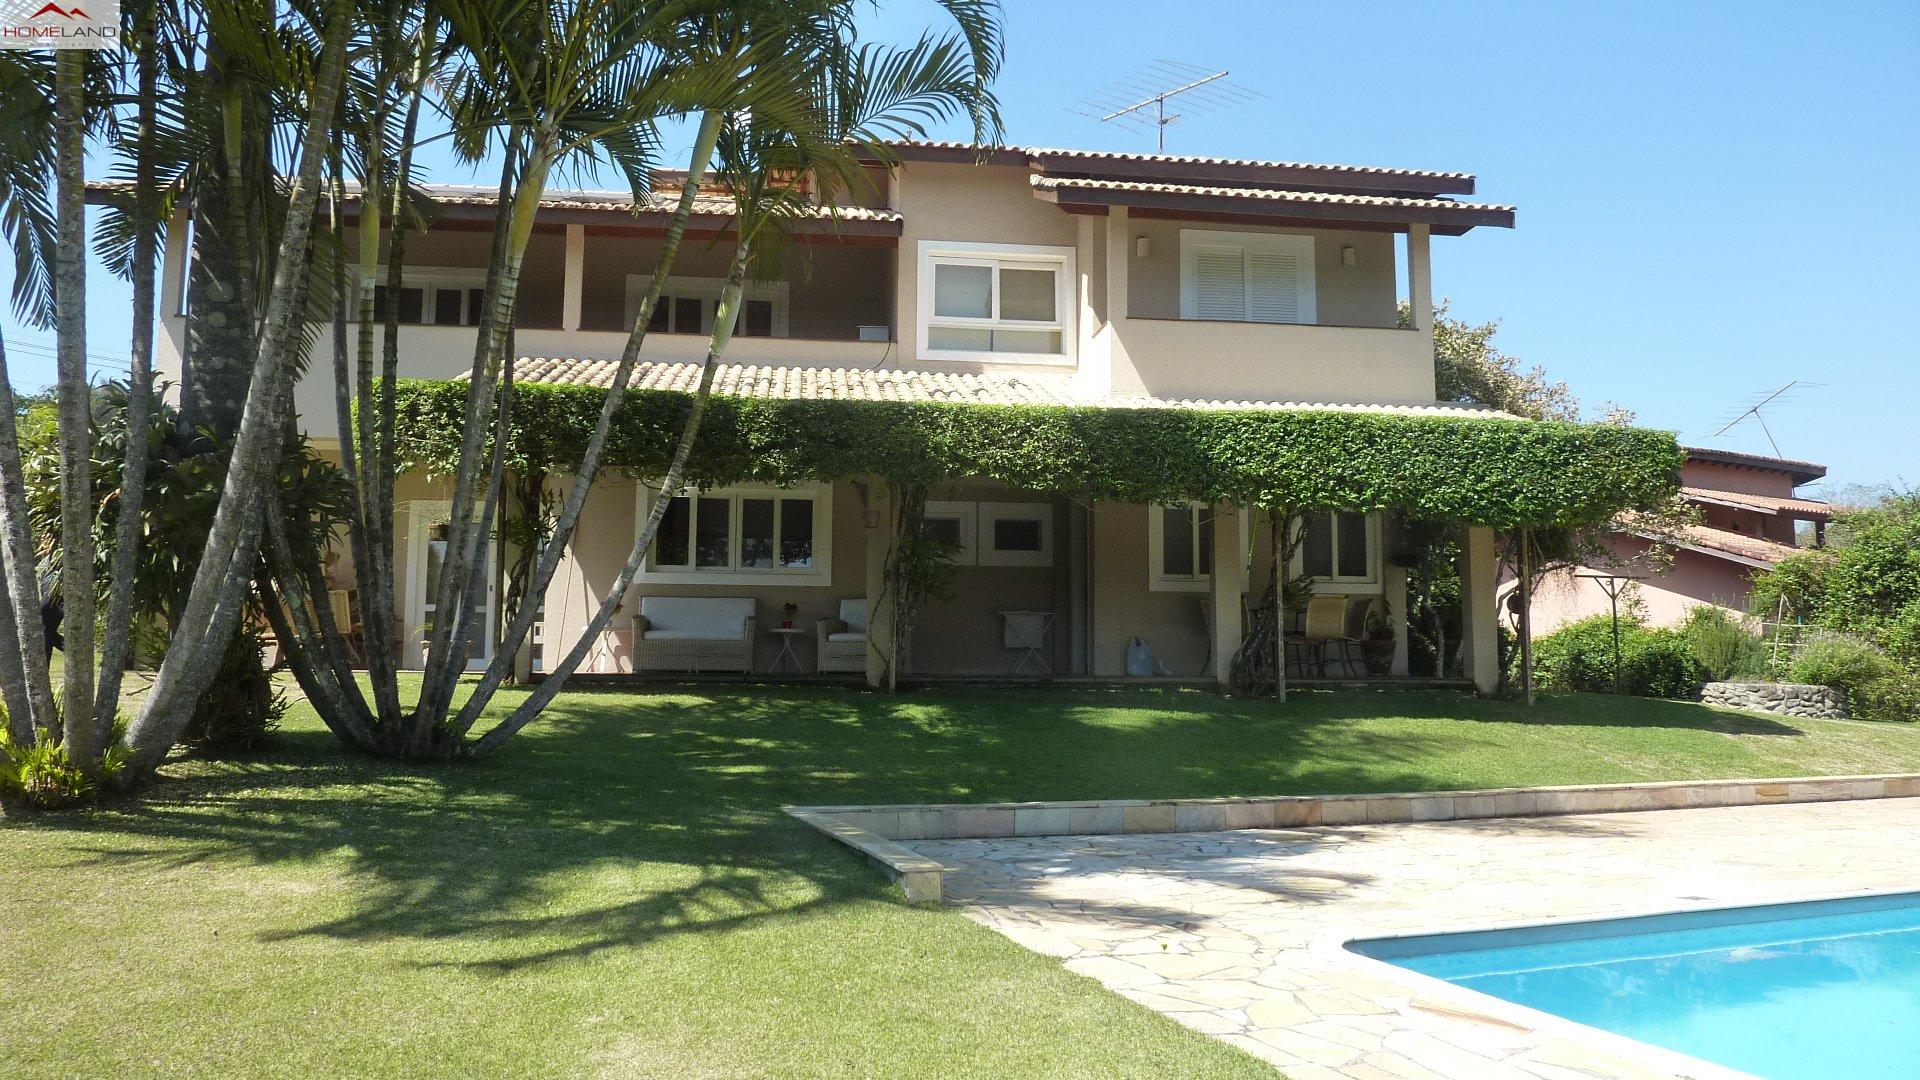 HL-146 Excelente casa em amplo terreno e localização privilegiada no Patrimônio do Carmo R$ 1.500 mil